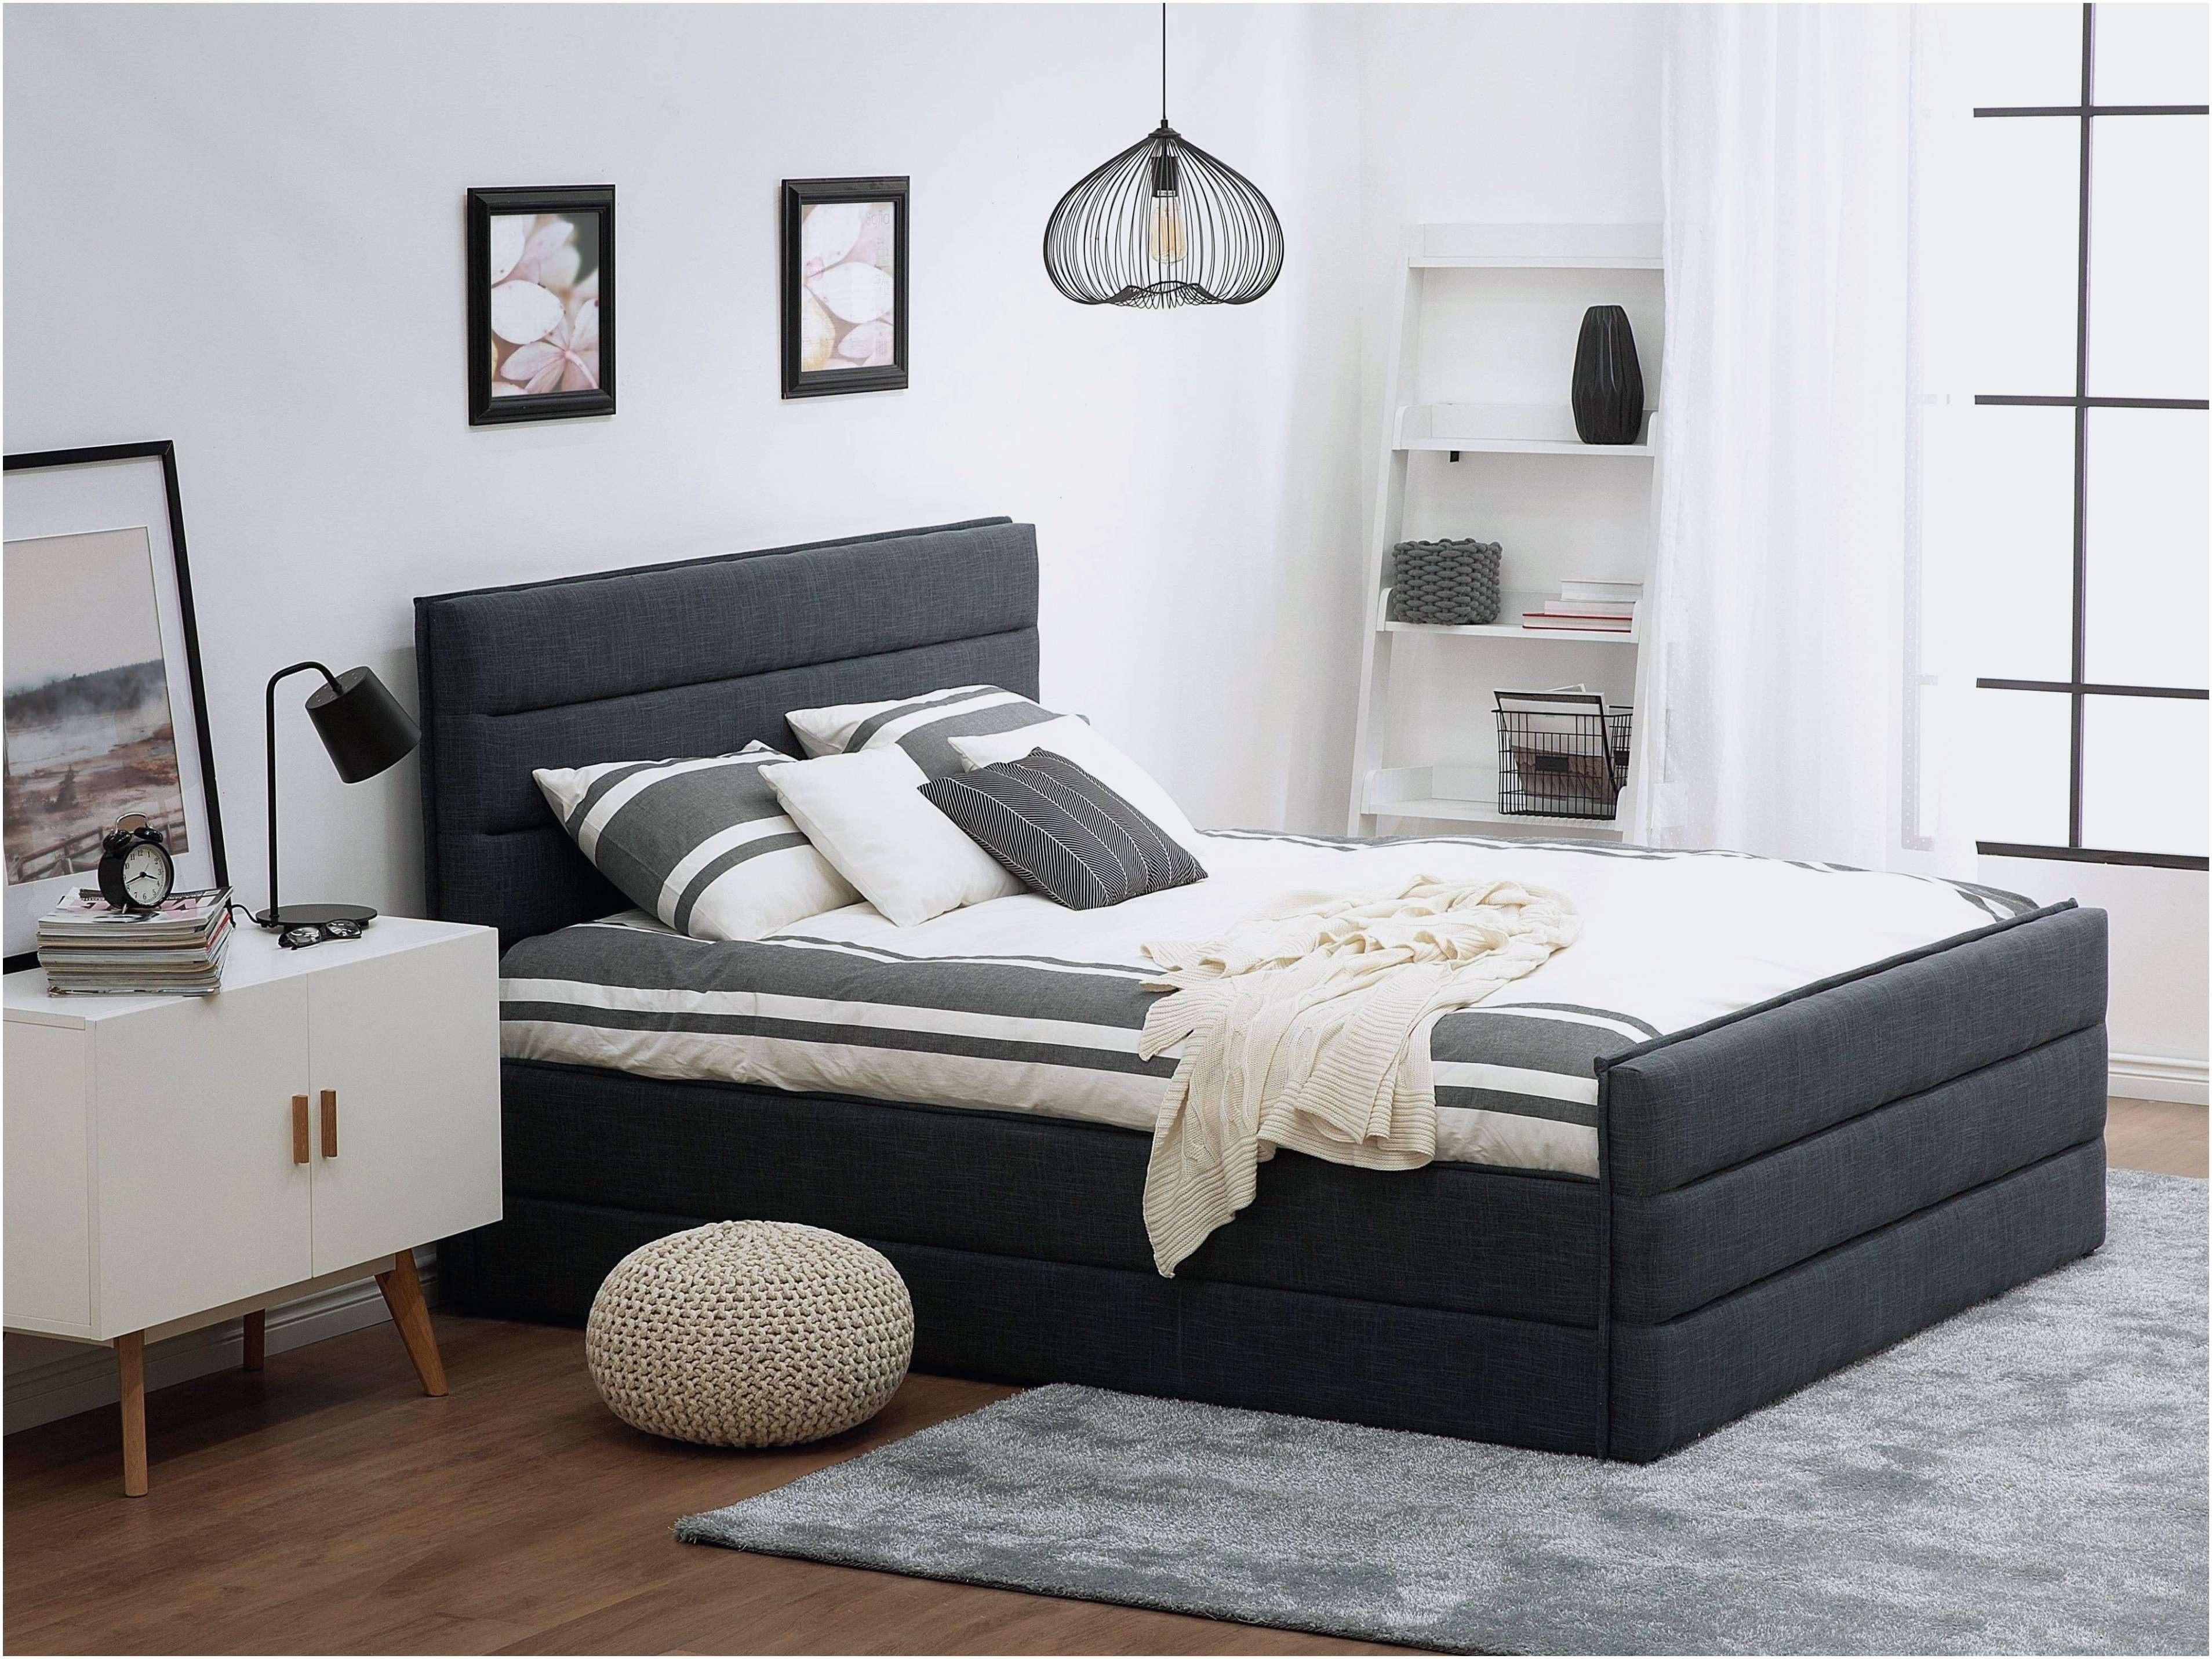 Lit Flaxa Ikea Impressionnant Elégant Seniorenbetten Ikea Pour Choix Lit Flaxa Ikea Jongor4hire